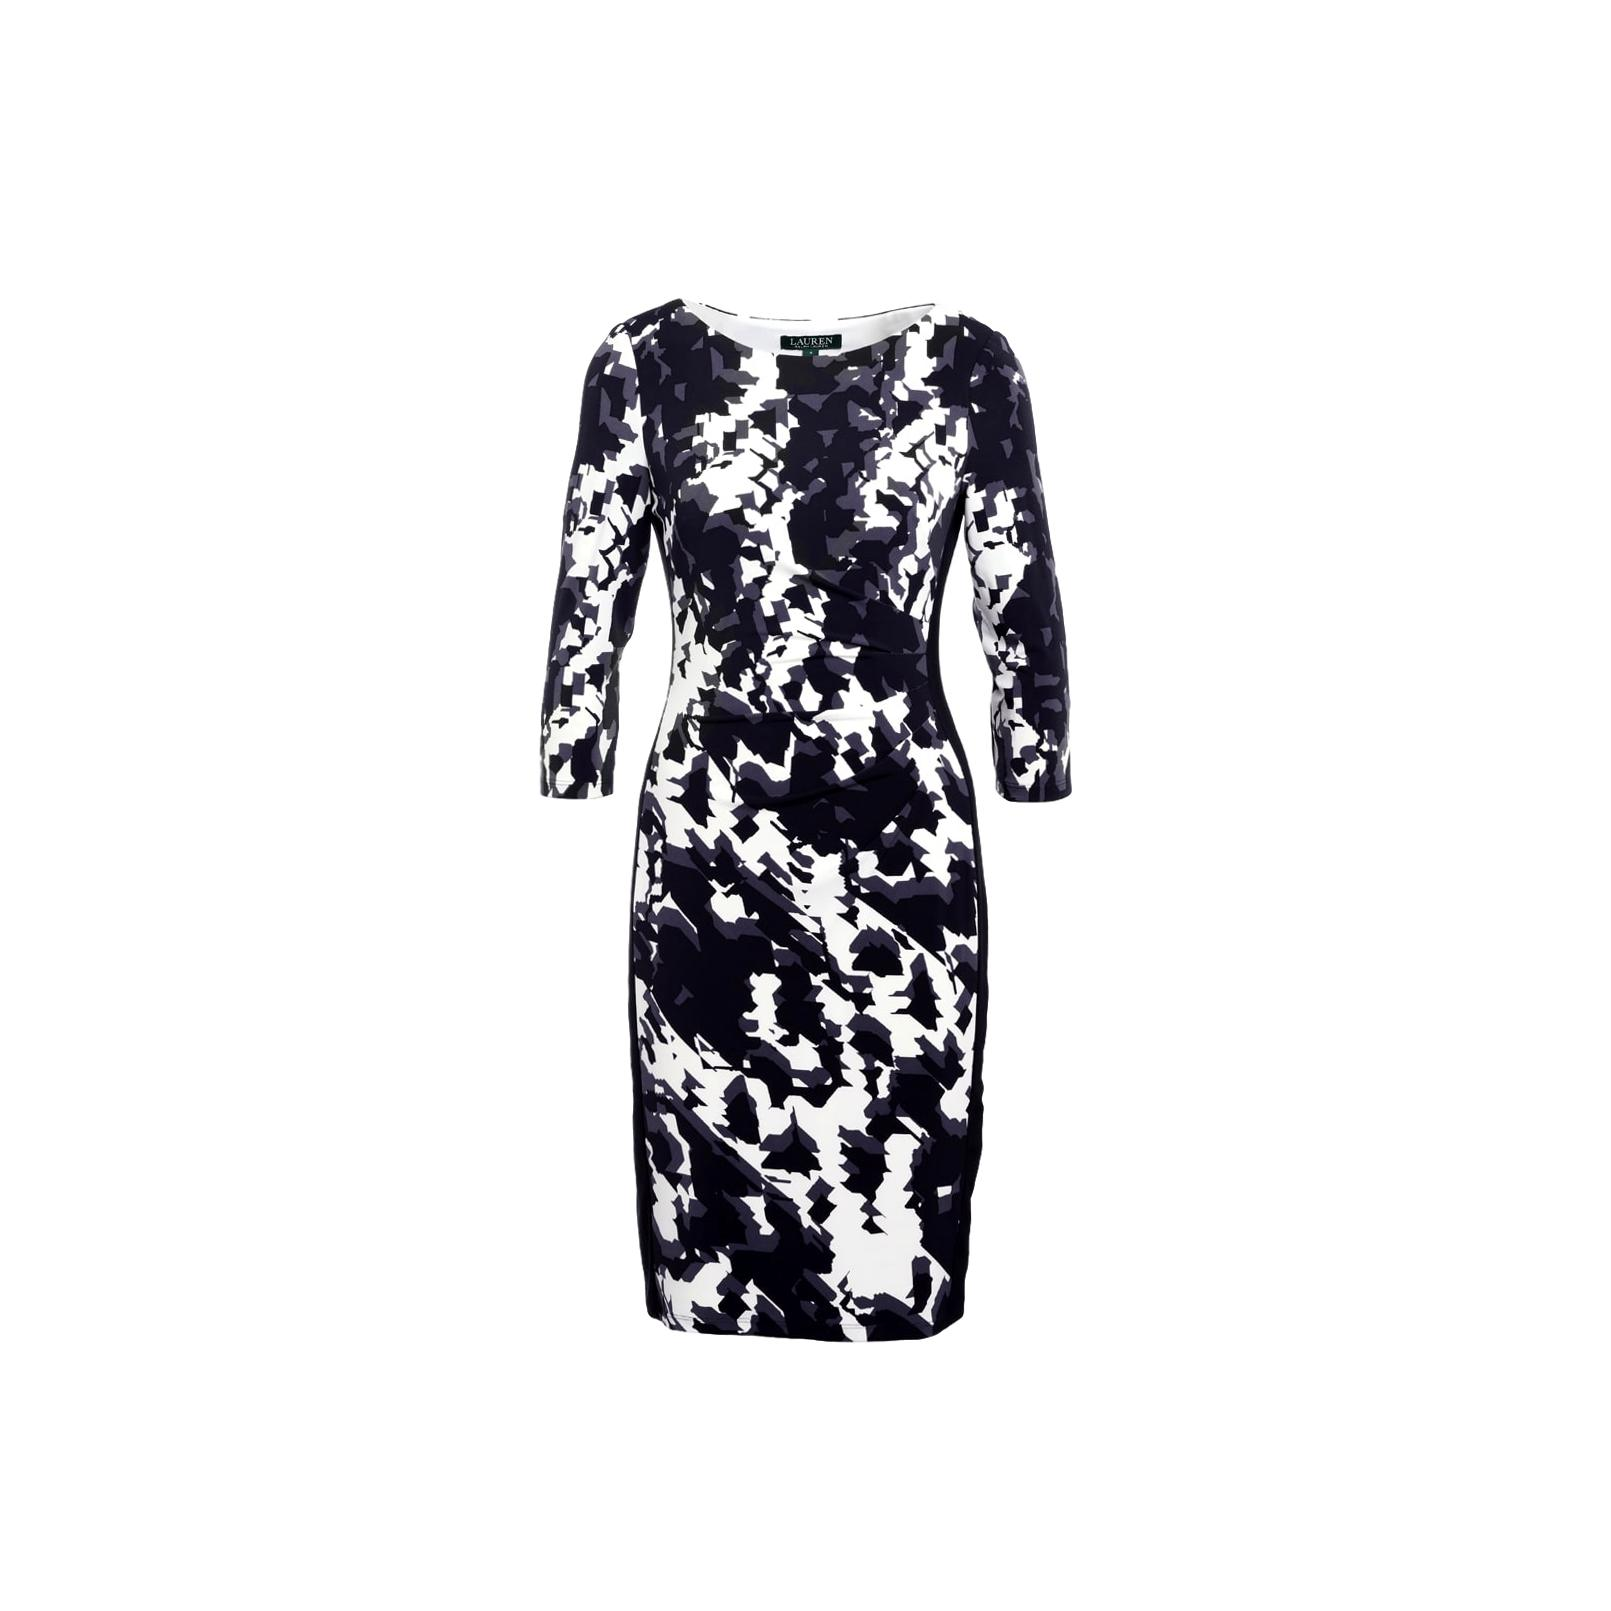 dcaa8d0d812b1a2 Купить платье Ralph Lauren за 7500 руб. в интернет магазине - бутике ...